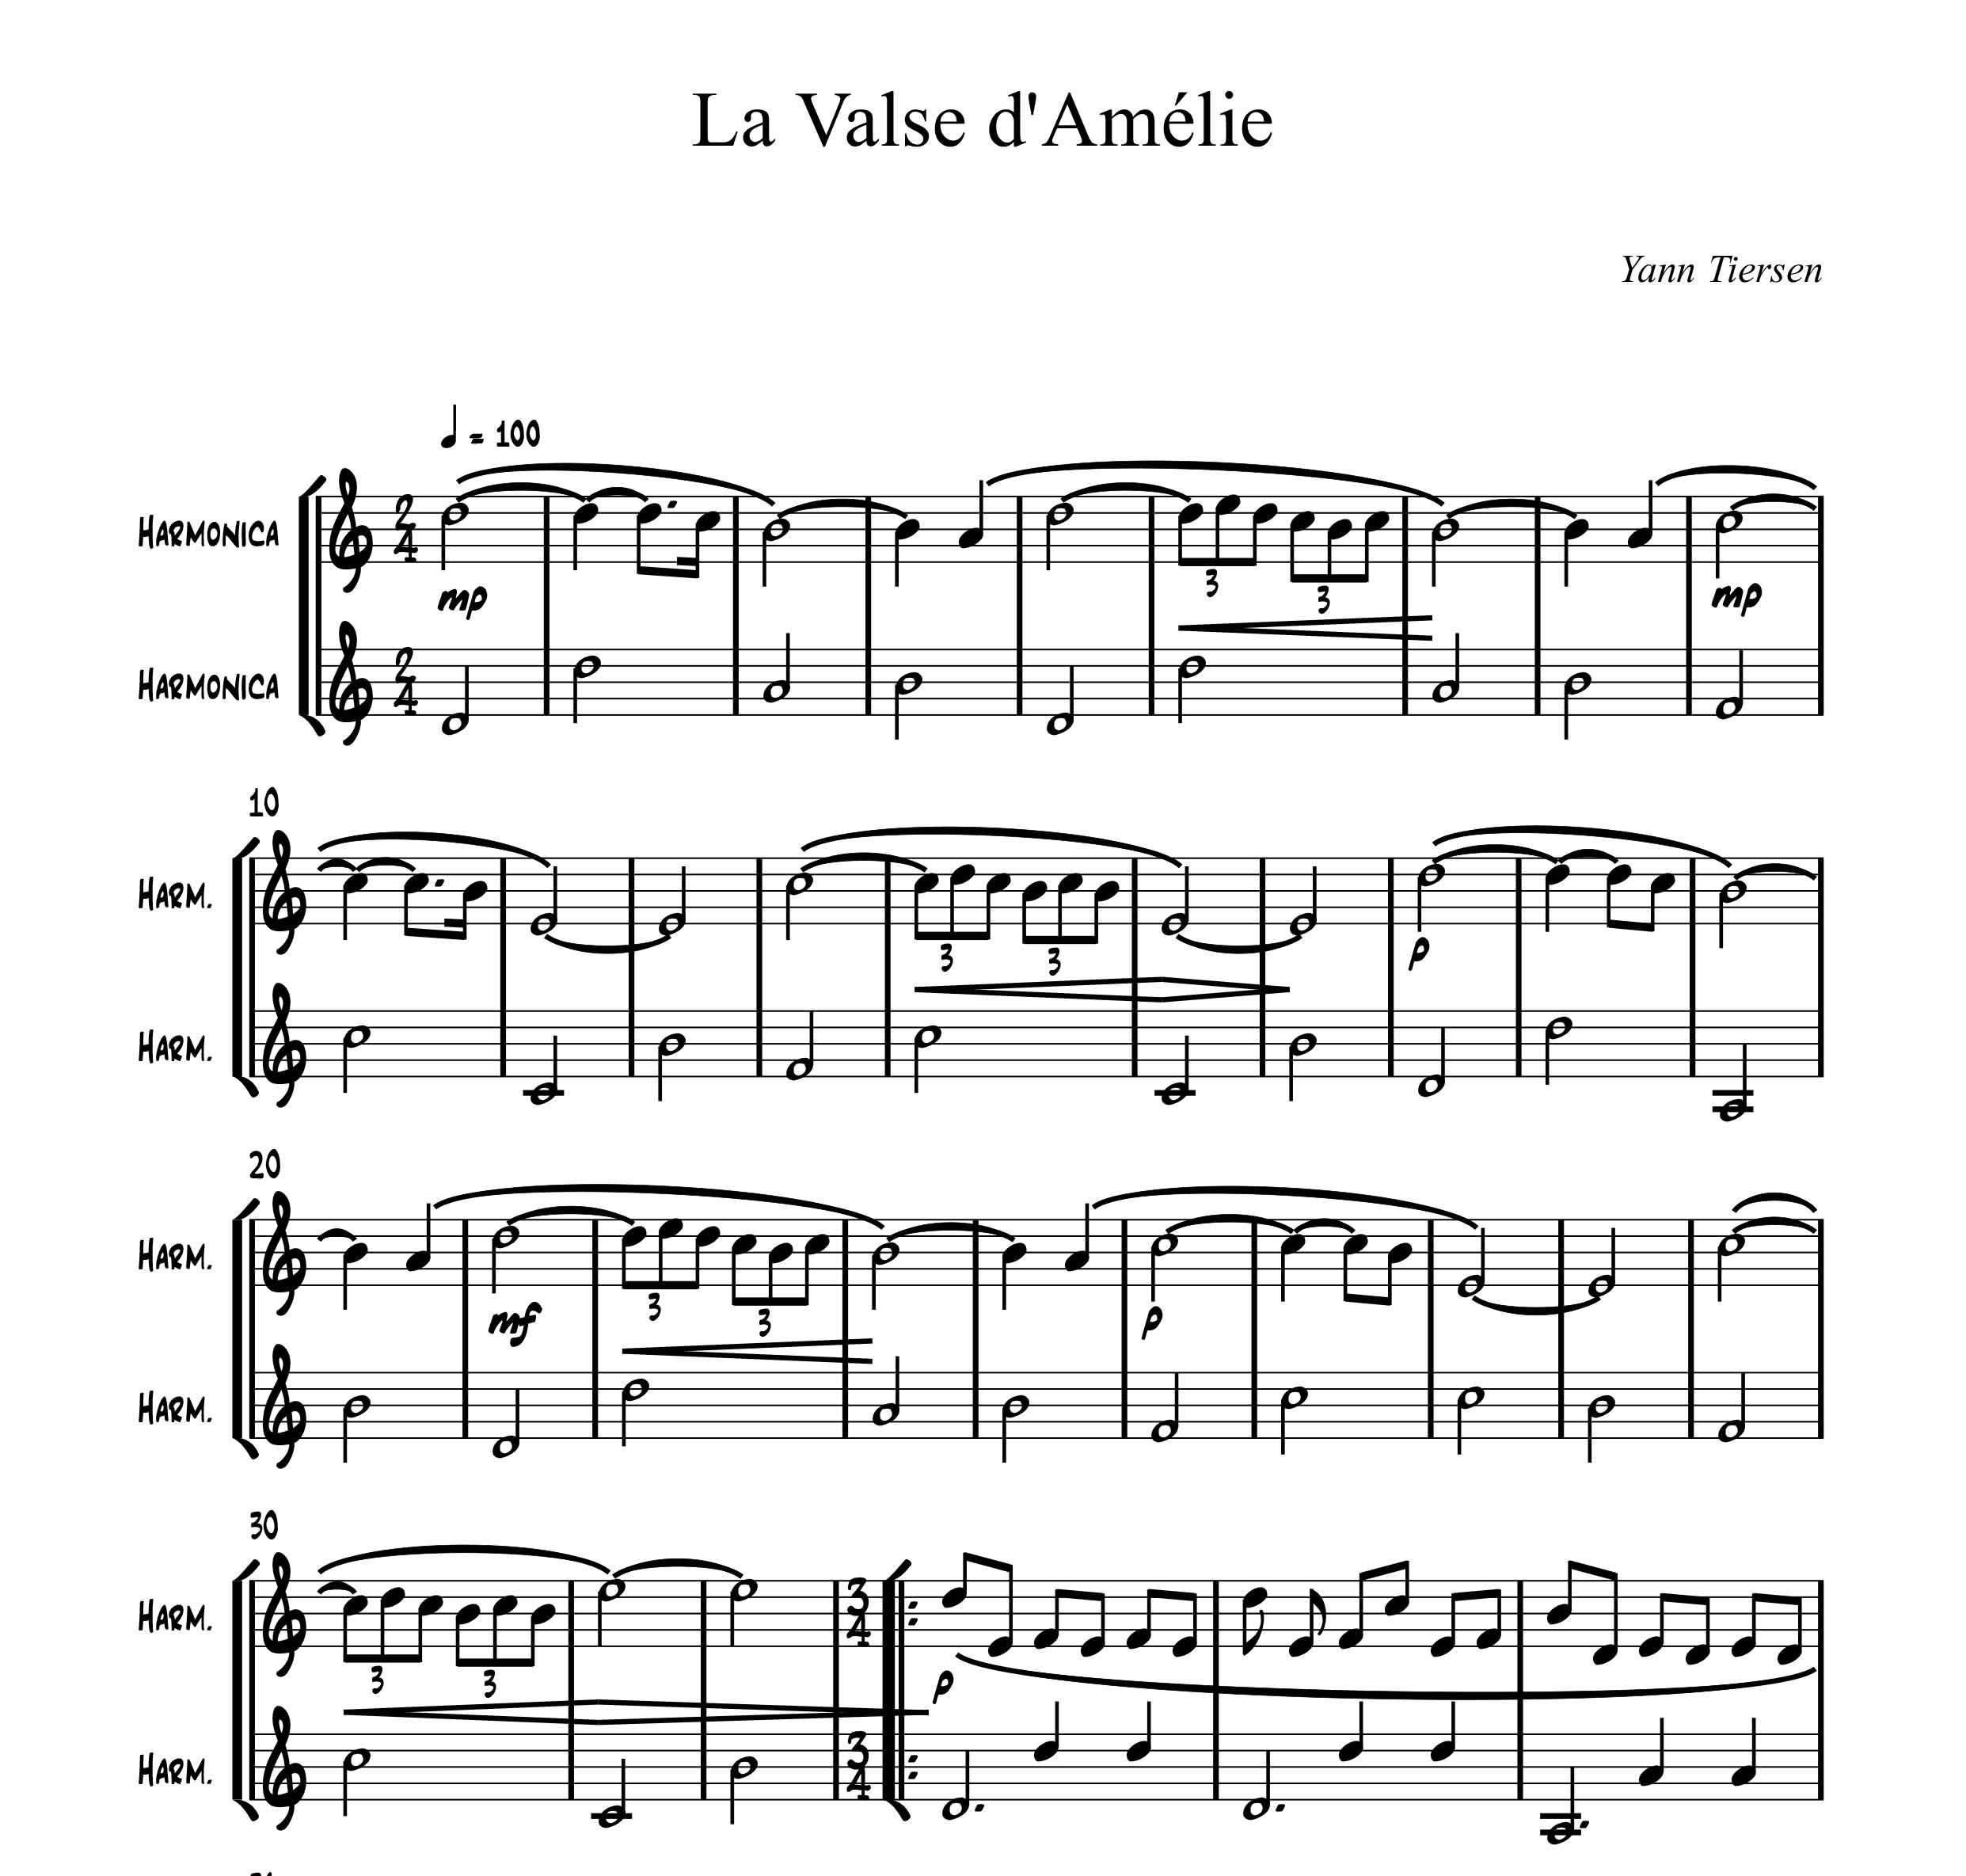 نت آهنگ la valse d Amelie برای دوئت هارمونیکا